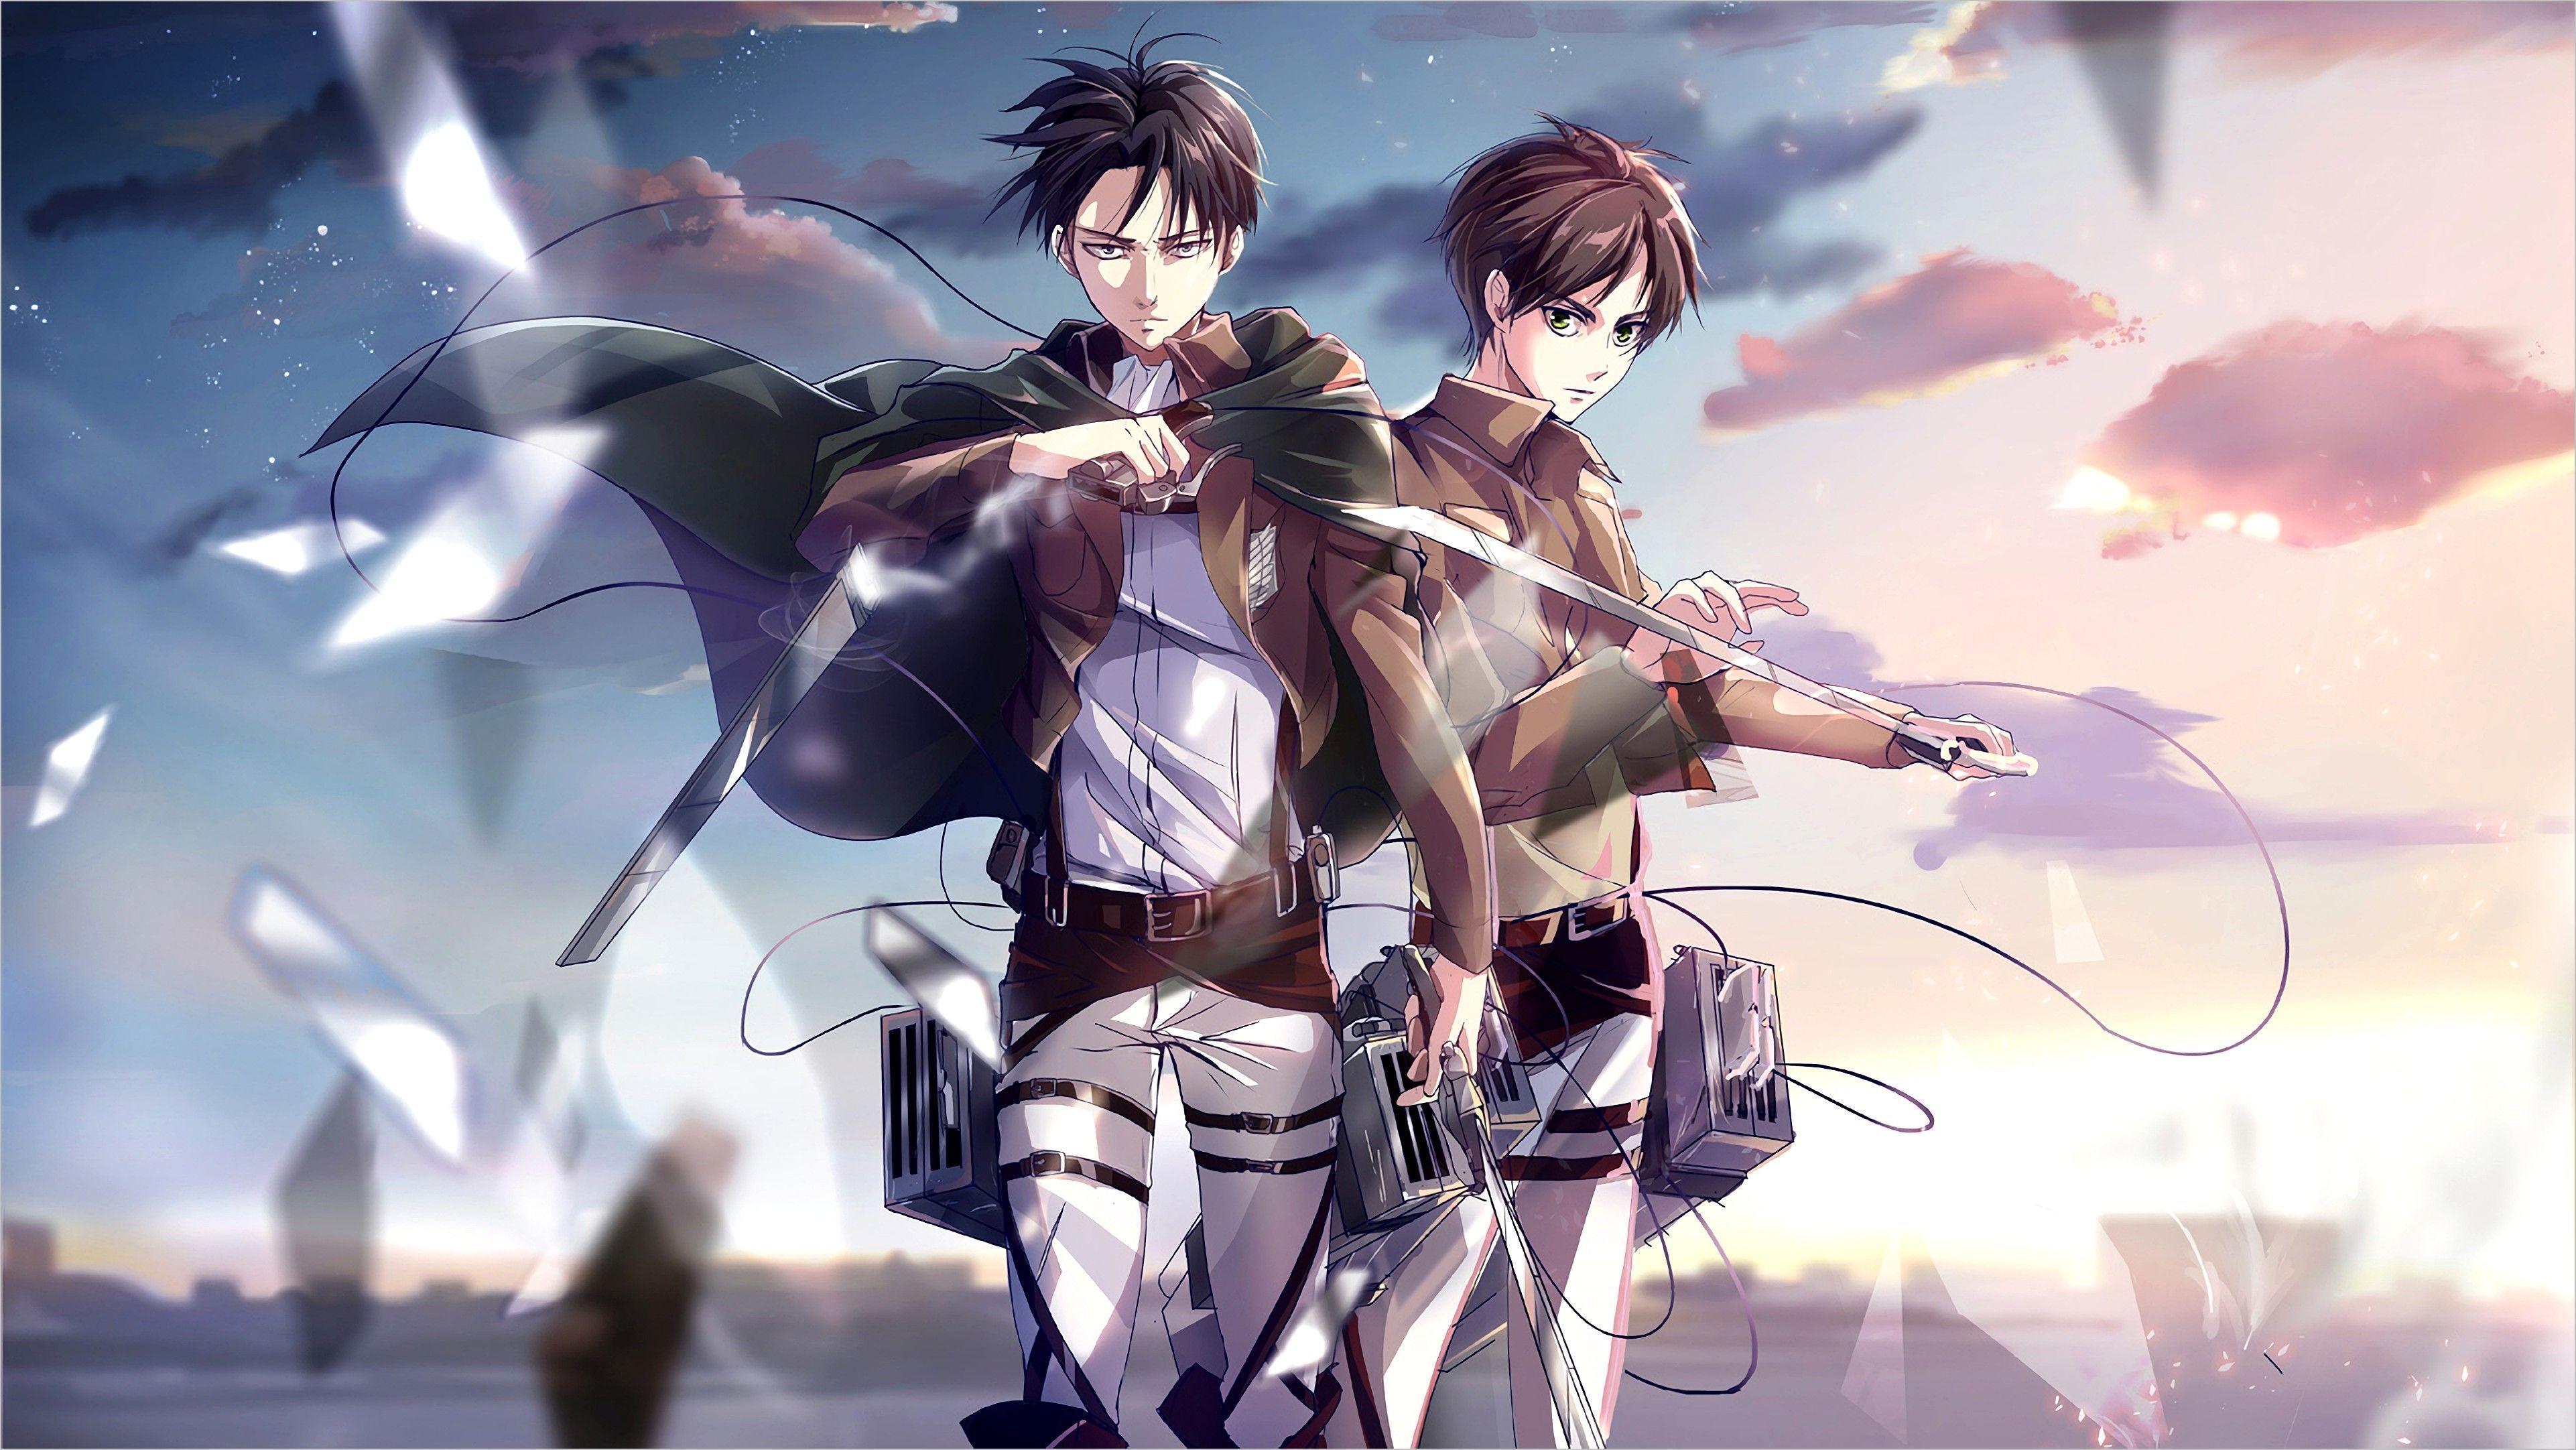 178 attack on titan (shingeki no kyojin) wallpaper. Attack On Titan Anime 4K Wallpapers - Top Free Attack On ...